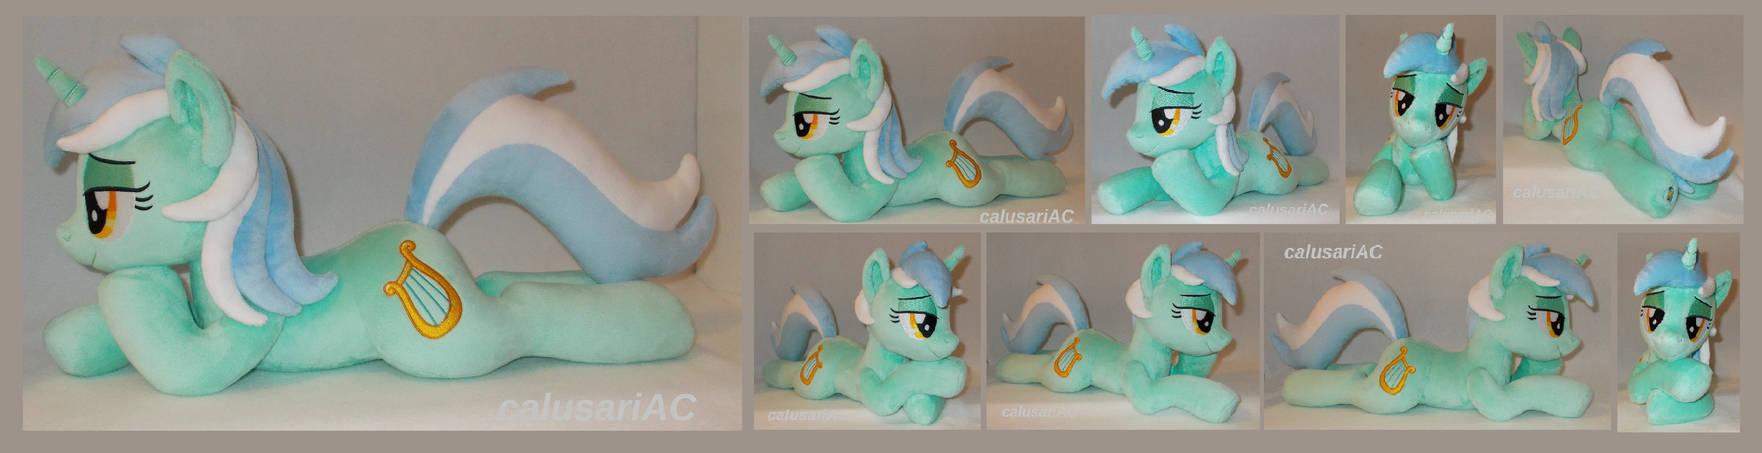 ld Lyra v3